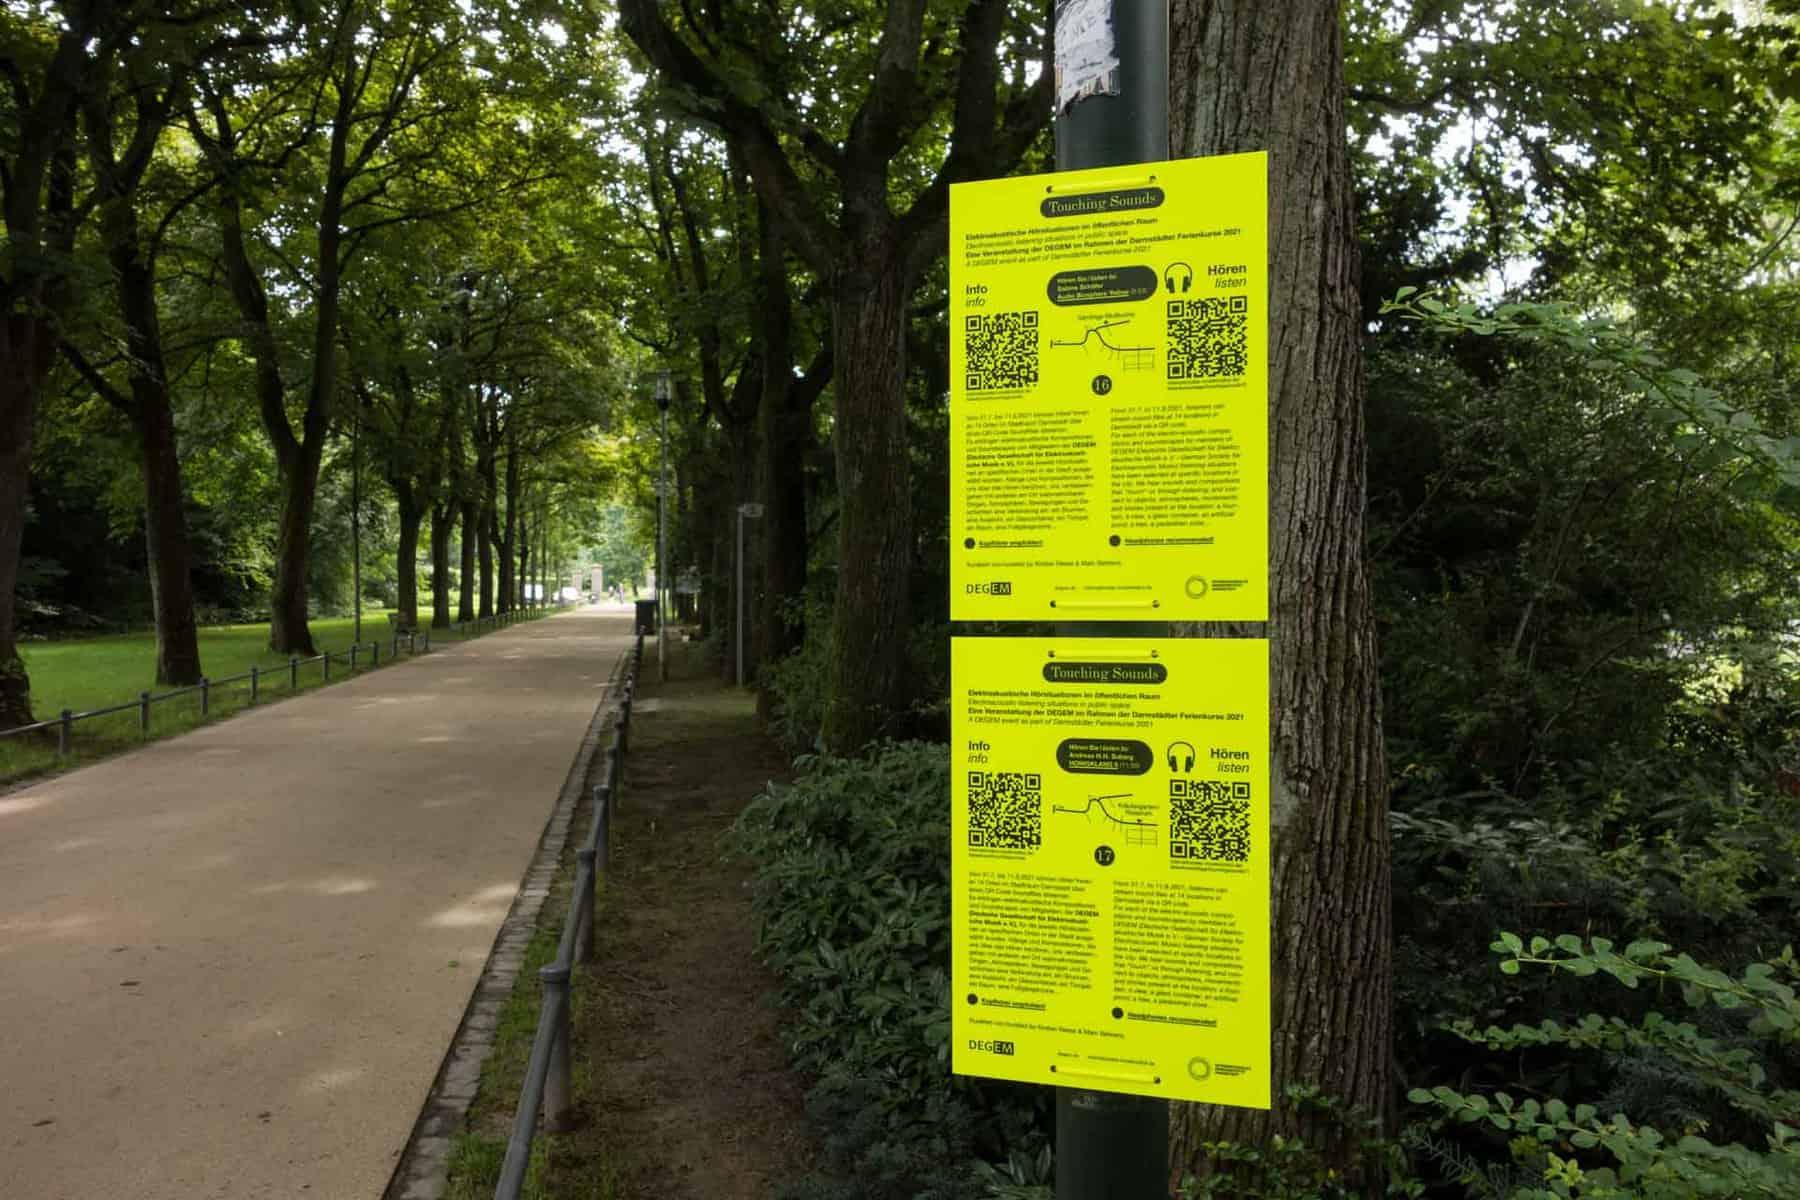 Touching Sounds, Hörsituationen im öffentlichen Raum, Darmstadt, 31.07.-11.08.2021, Foto: Marc Behrens